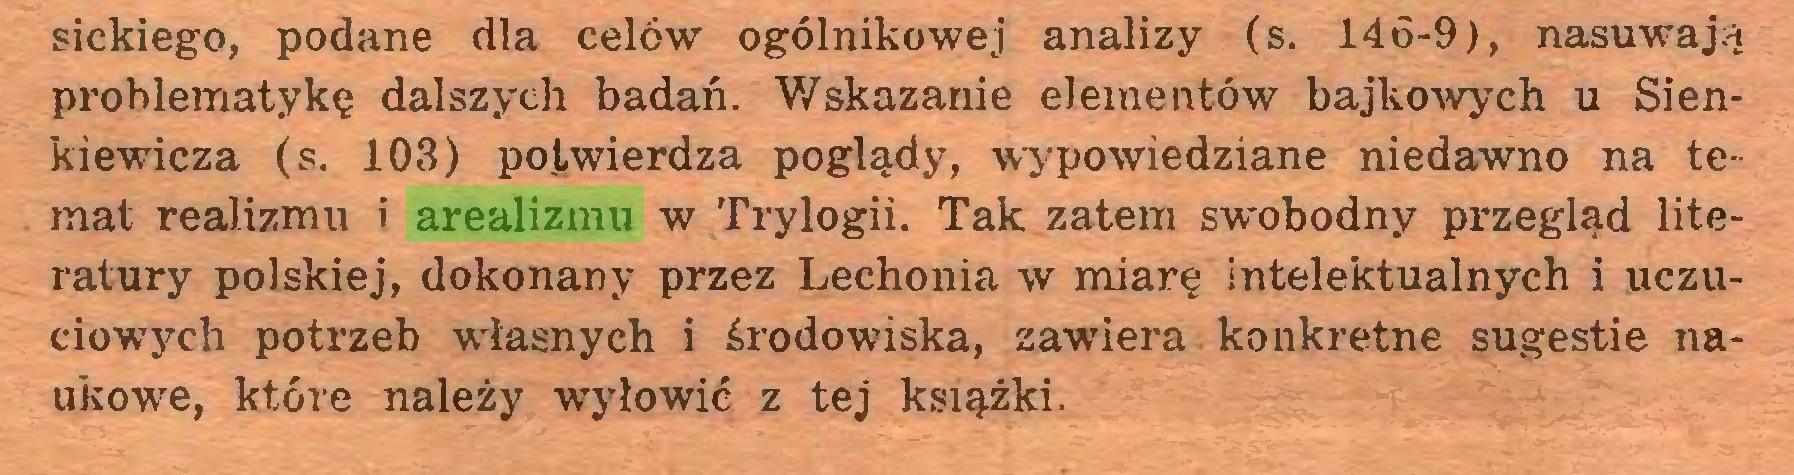 (...) sickiego, podane dla celów ogólnikowej analizy (s. 146-9), nasuwają problematykę dalszych badań. Wskazanie elementów bajkowych u Sienkiewicza (s. 103) potwierdza poglądy, wypowiedziane niedawno na temat realizmu i arealizmu w Trylogii. Tak zatem swobodny przegląd literatury polskiej, dokonany przez Lechonia w miarę intelektualnych i uczuciowych potrzeb własnych i środowiska, zawiera konkretne sugestie naukowe, które należy wyłowić z tej książki...